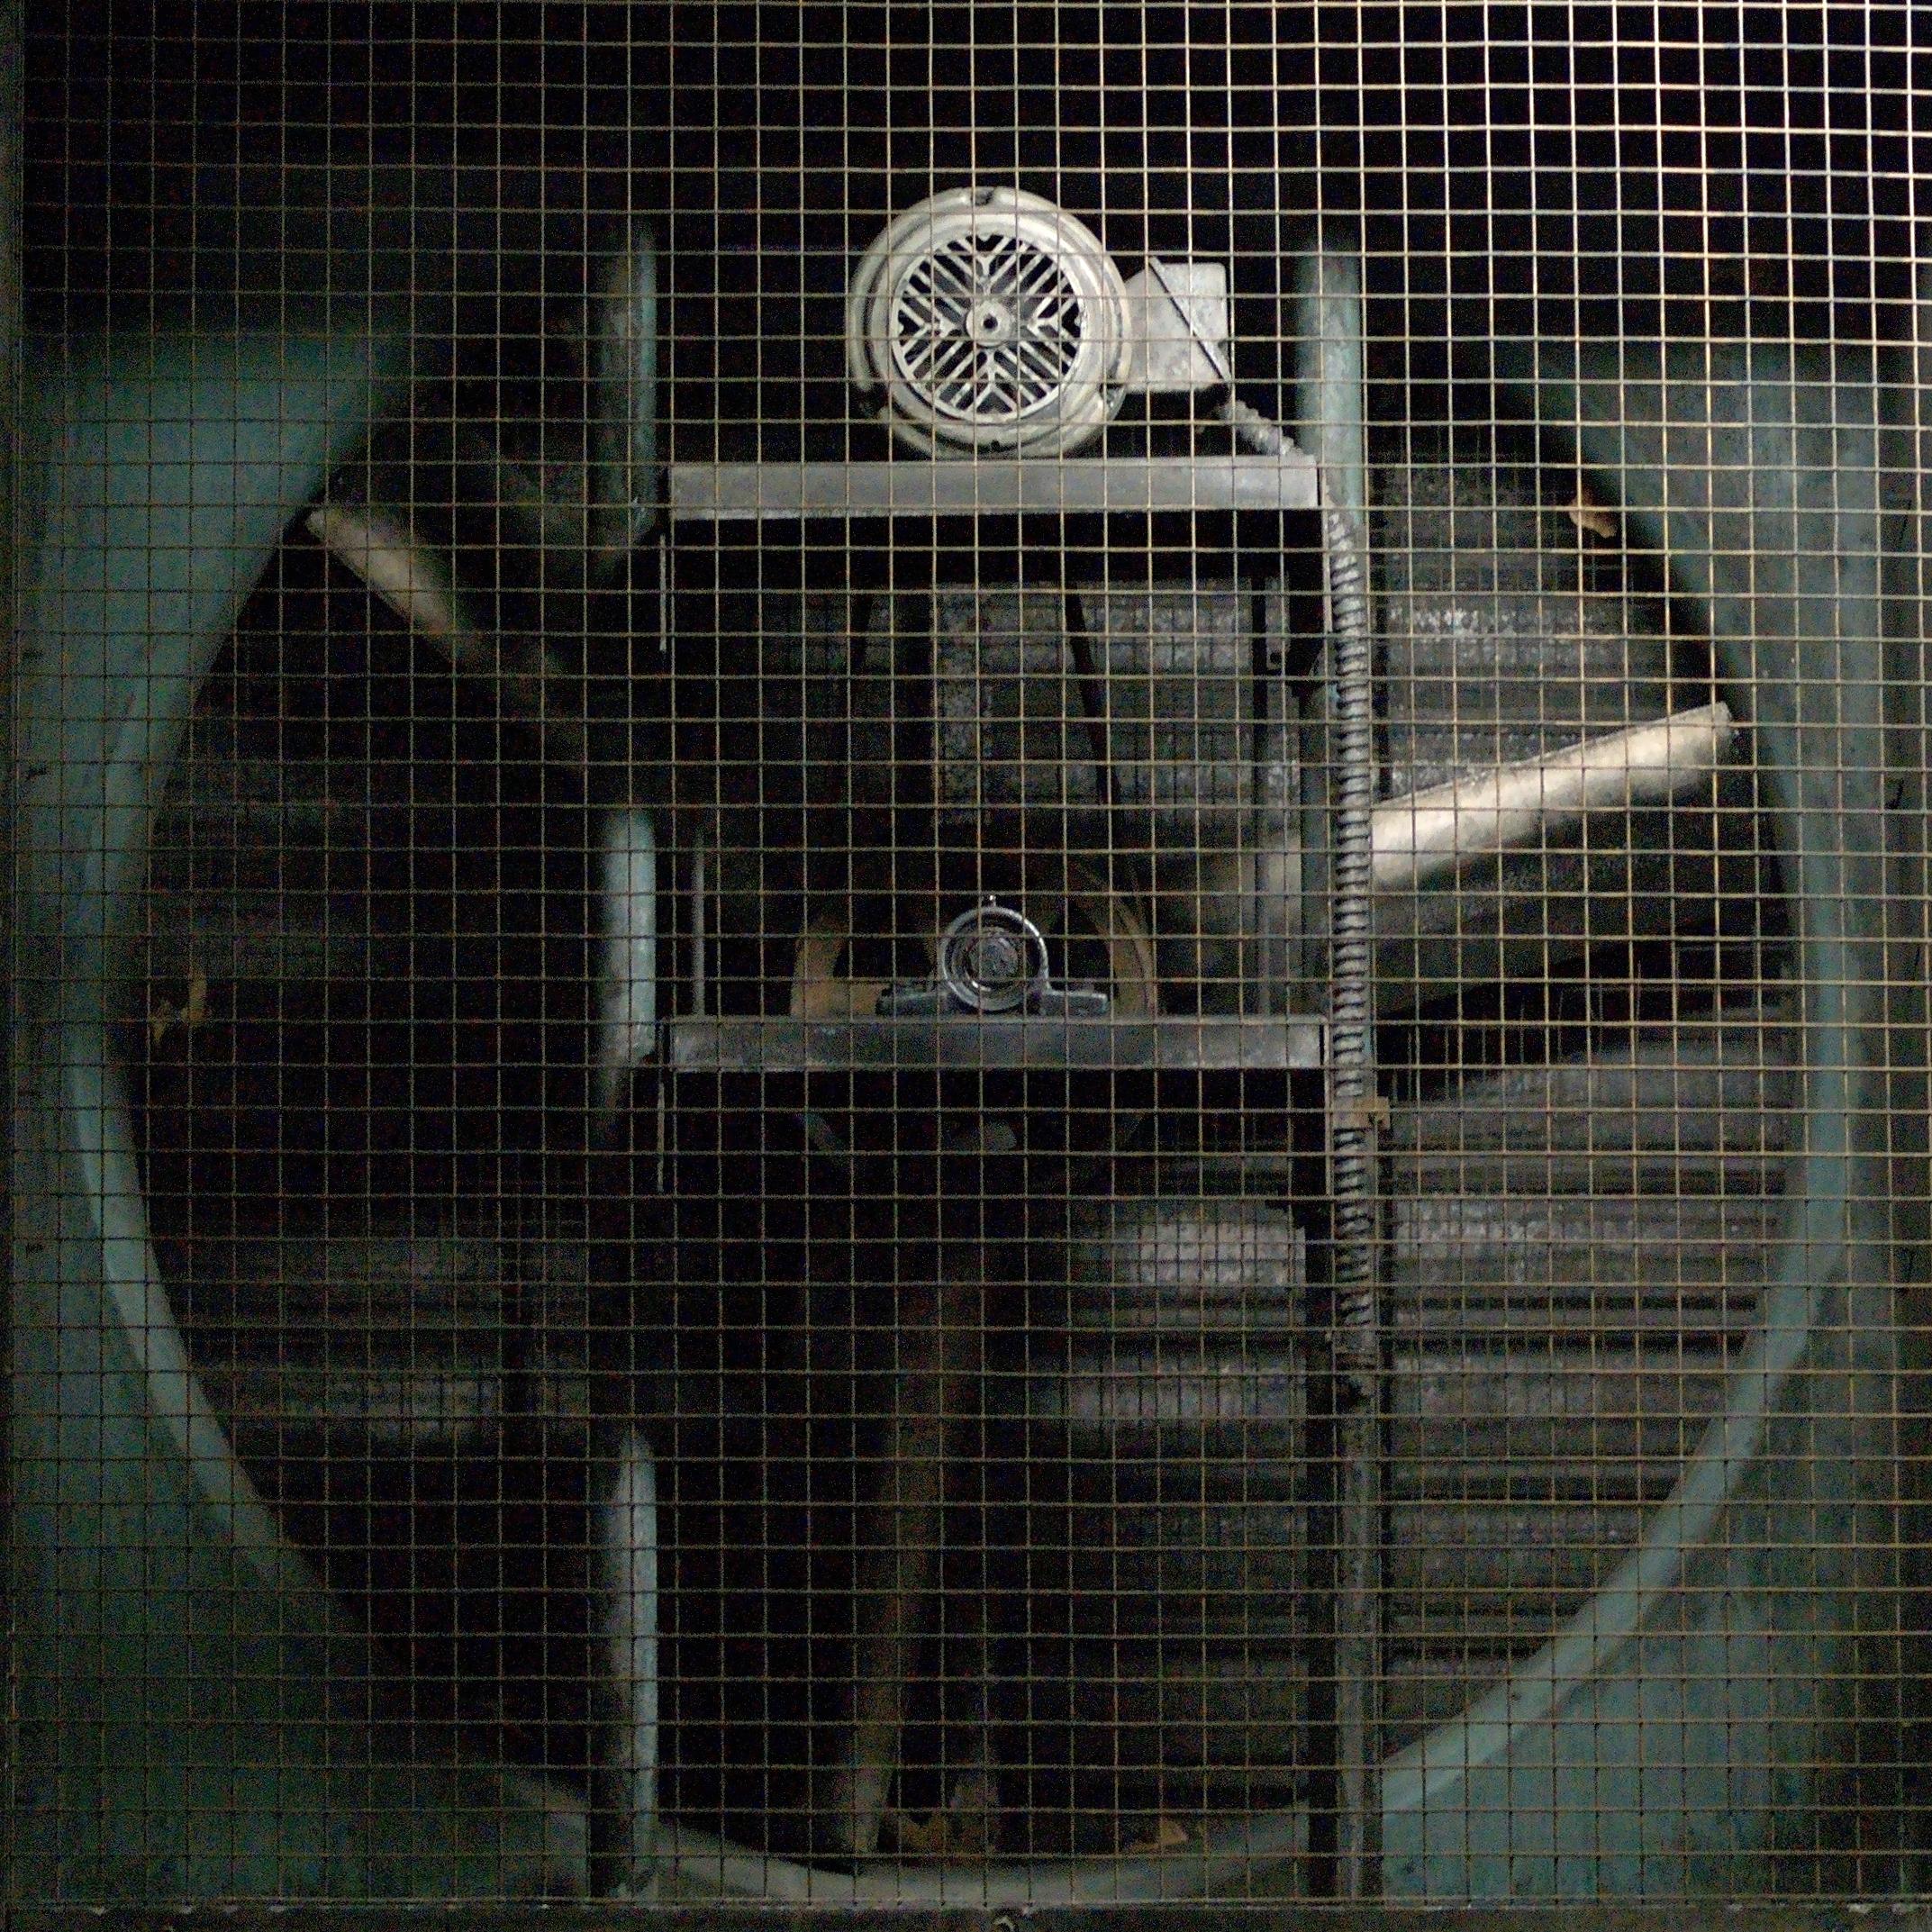 File:Belt-driven ventilation fan and motor jpg - Wikimedia Commons